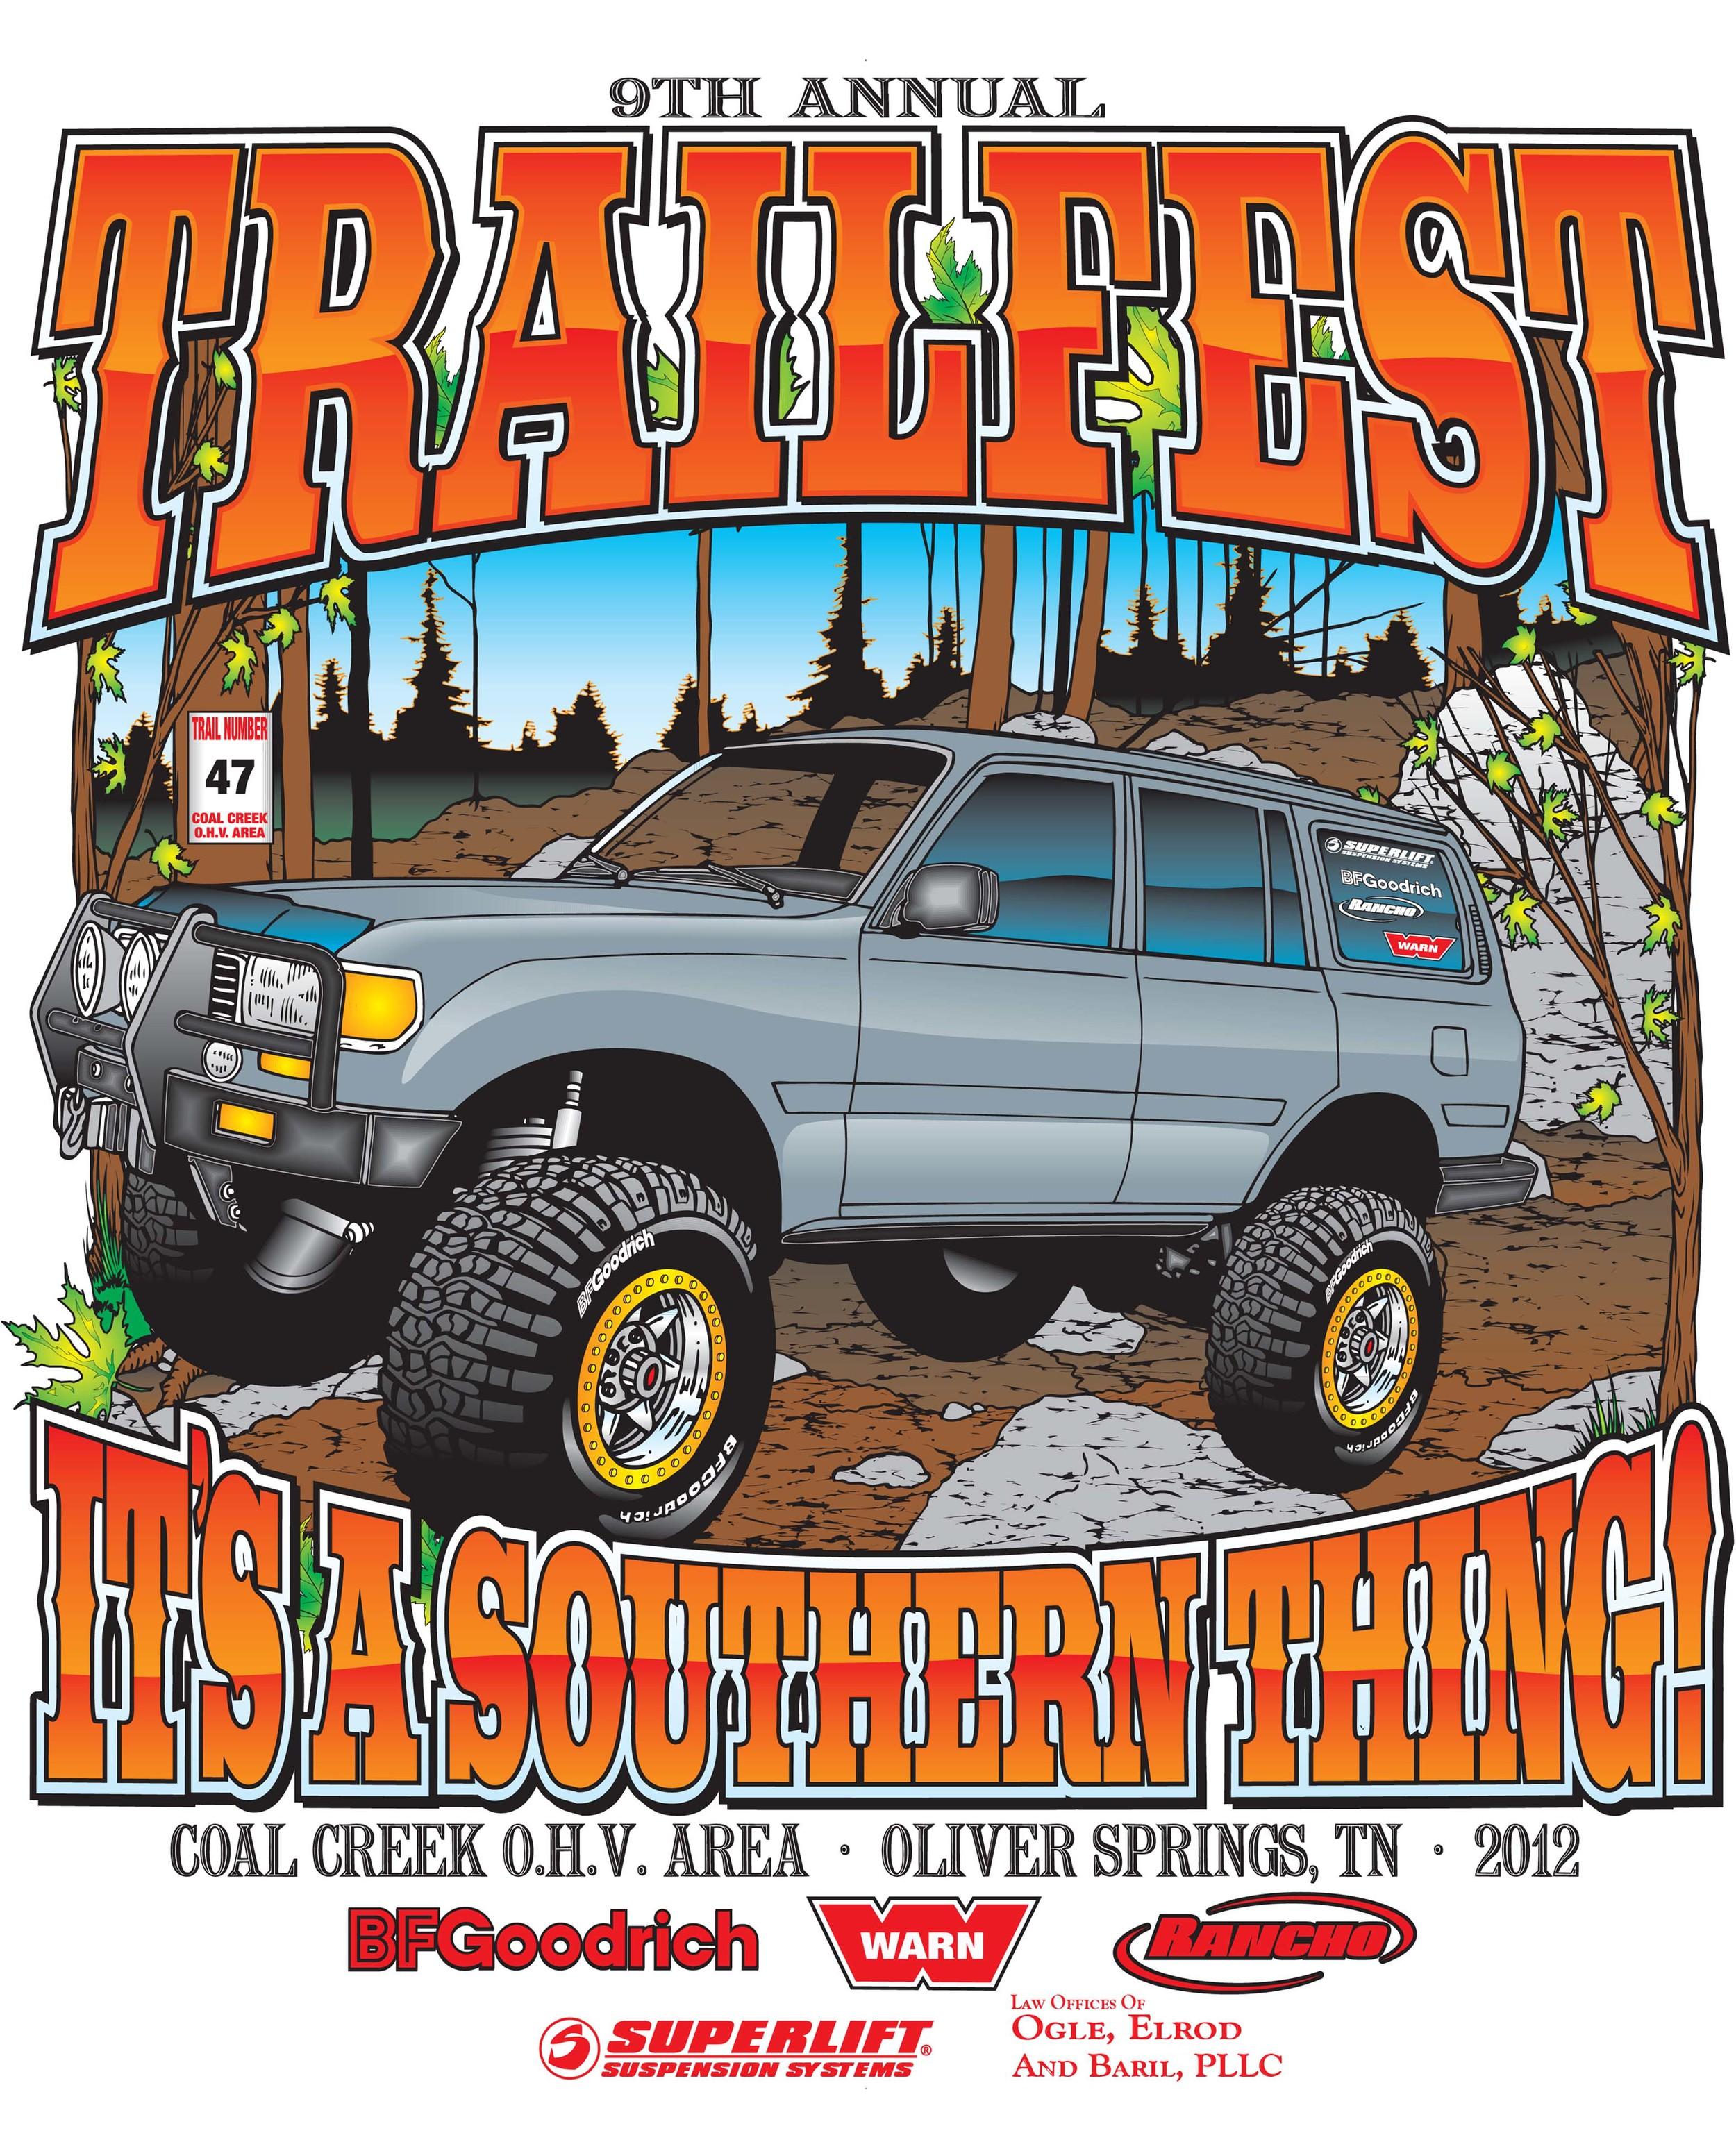 trailfest12 WHITE.jpg